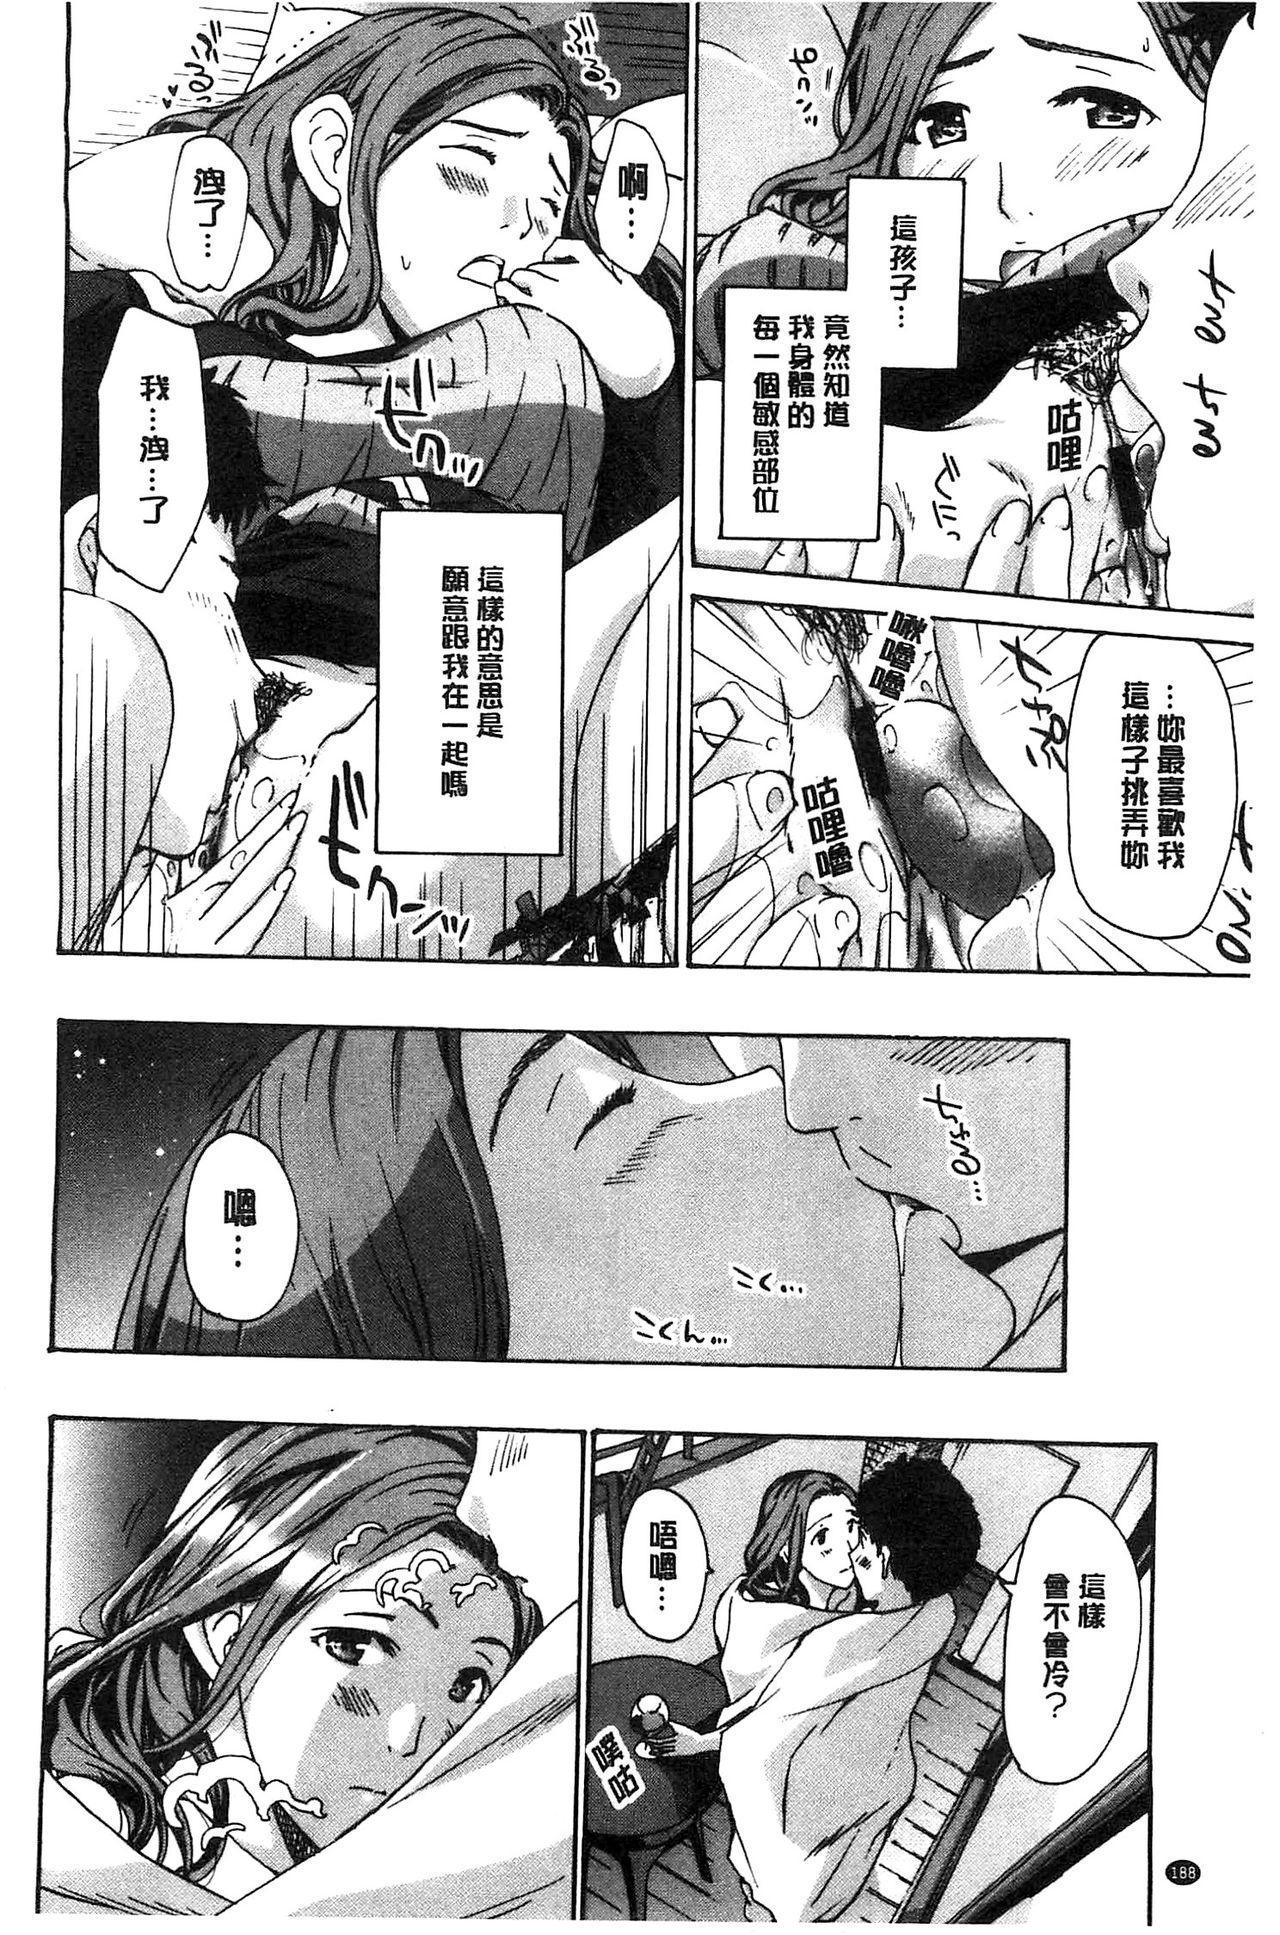 Watashito Iikoto Shiyo? 194